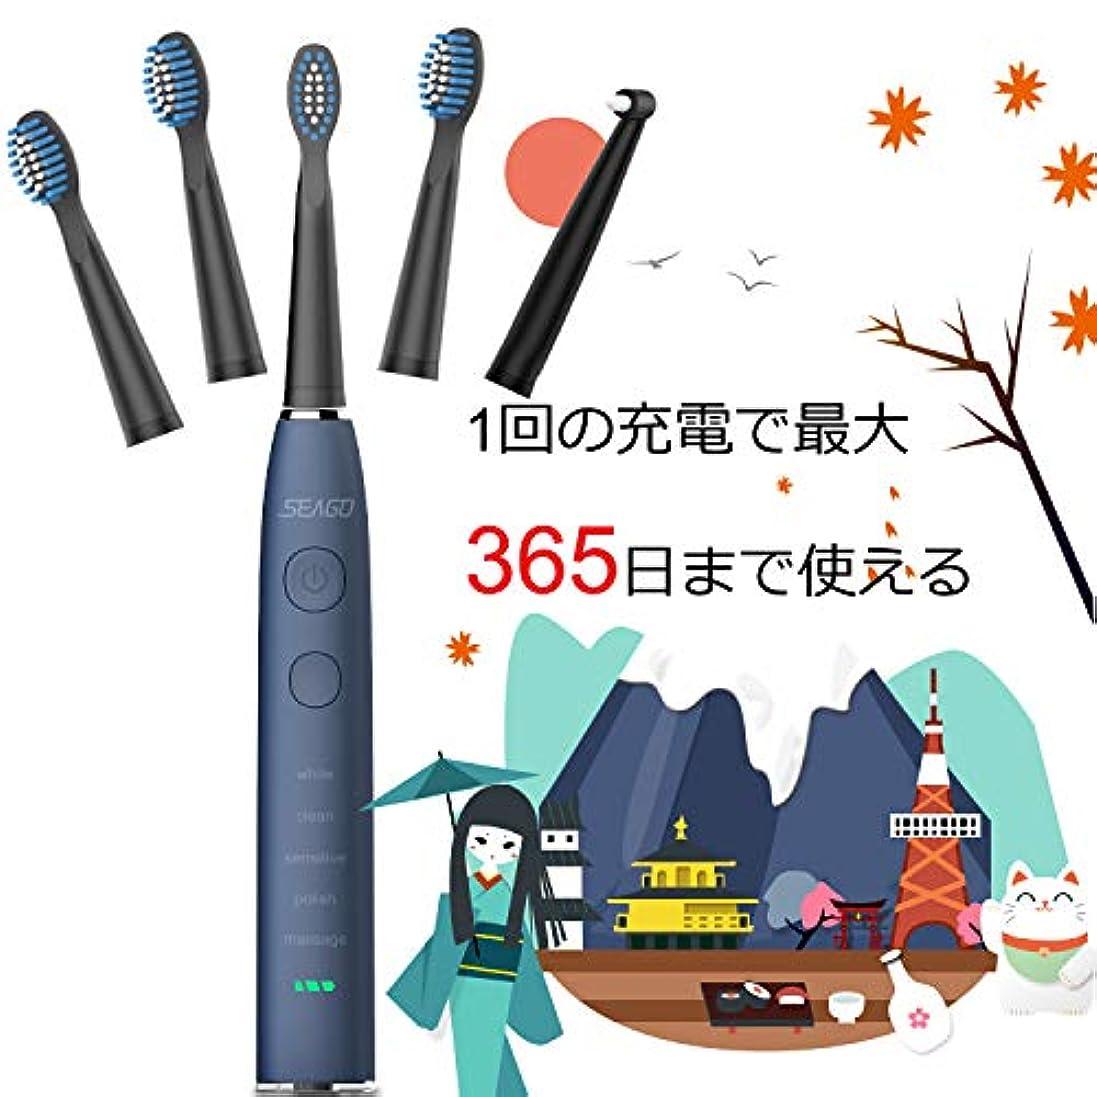 インスタンスバイオリニスト手綱電動歯ブラシ 歯ブラシ seago 音波歯ブラシ USB充電式8時間 365日に使用 IPX7防水 五つモードと2分オートタイマー機能搭載 替えブラシ5本 12ヶ月メーカー保証 SG-575(ブルー)